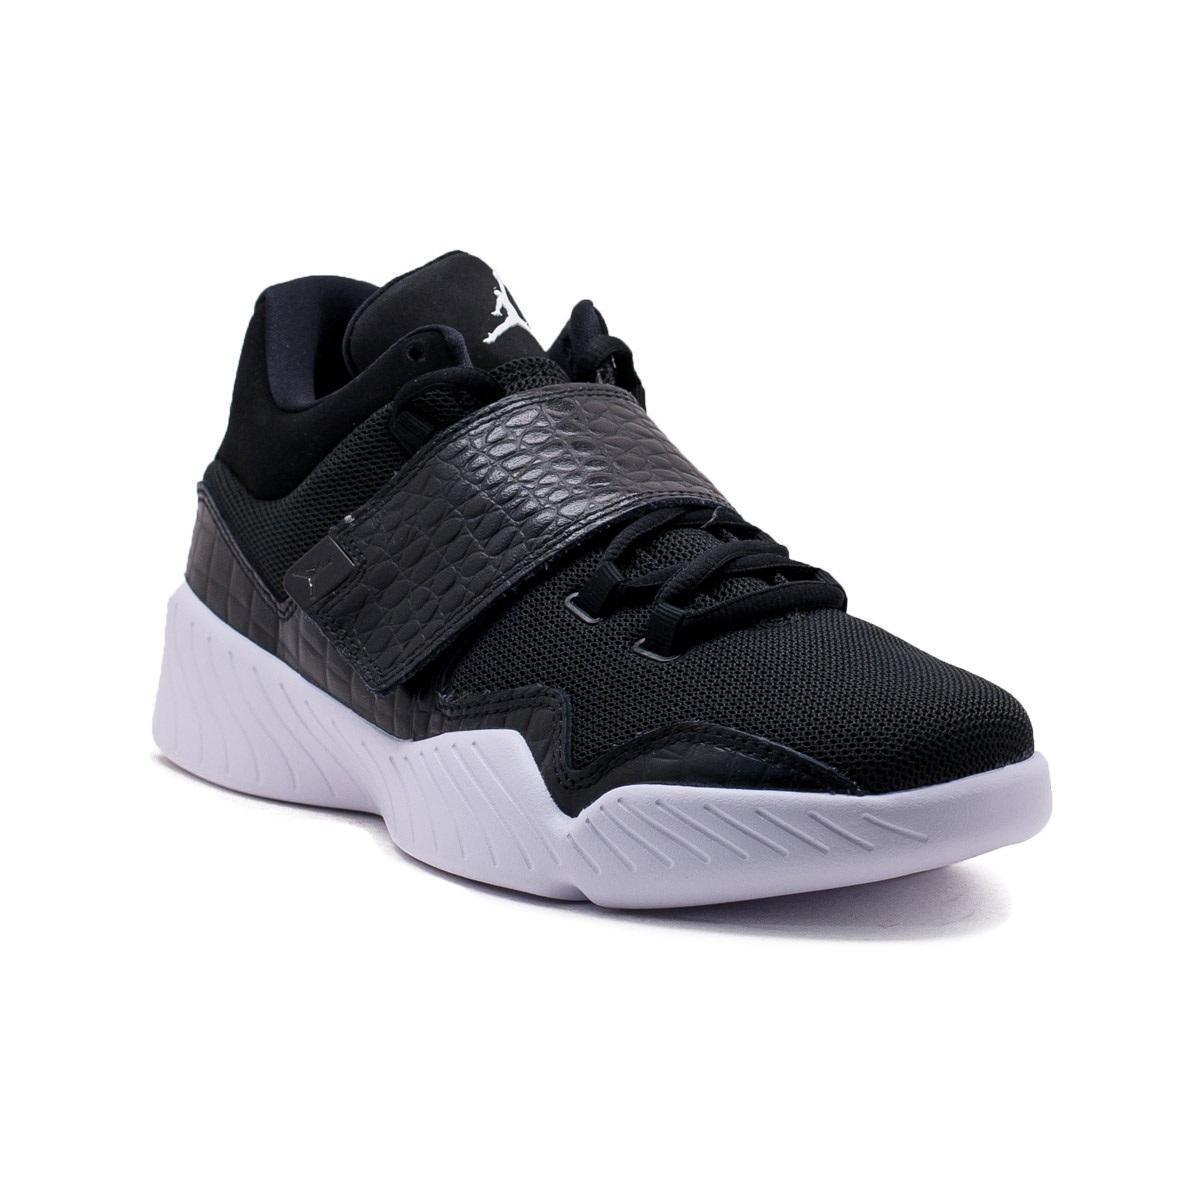 Nike JORDAN J23 Men's Basketball Training shoes Black 854557 010